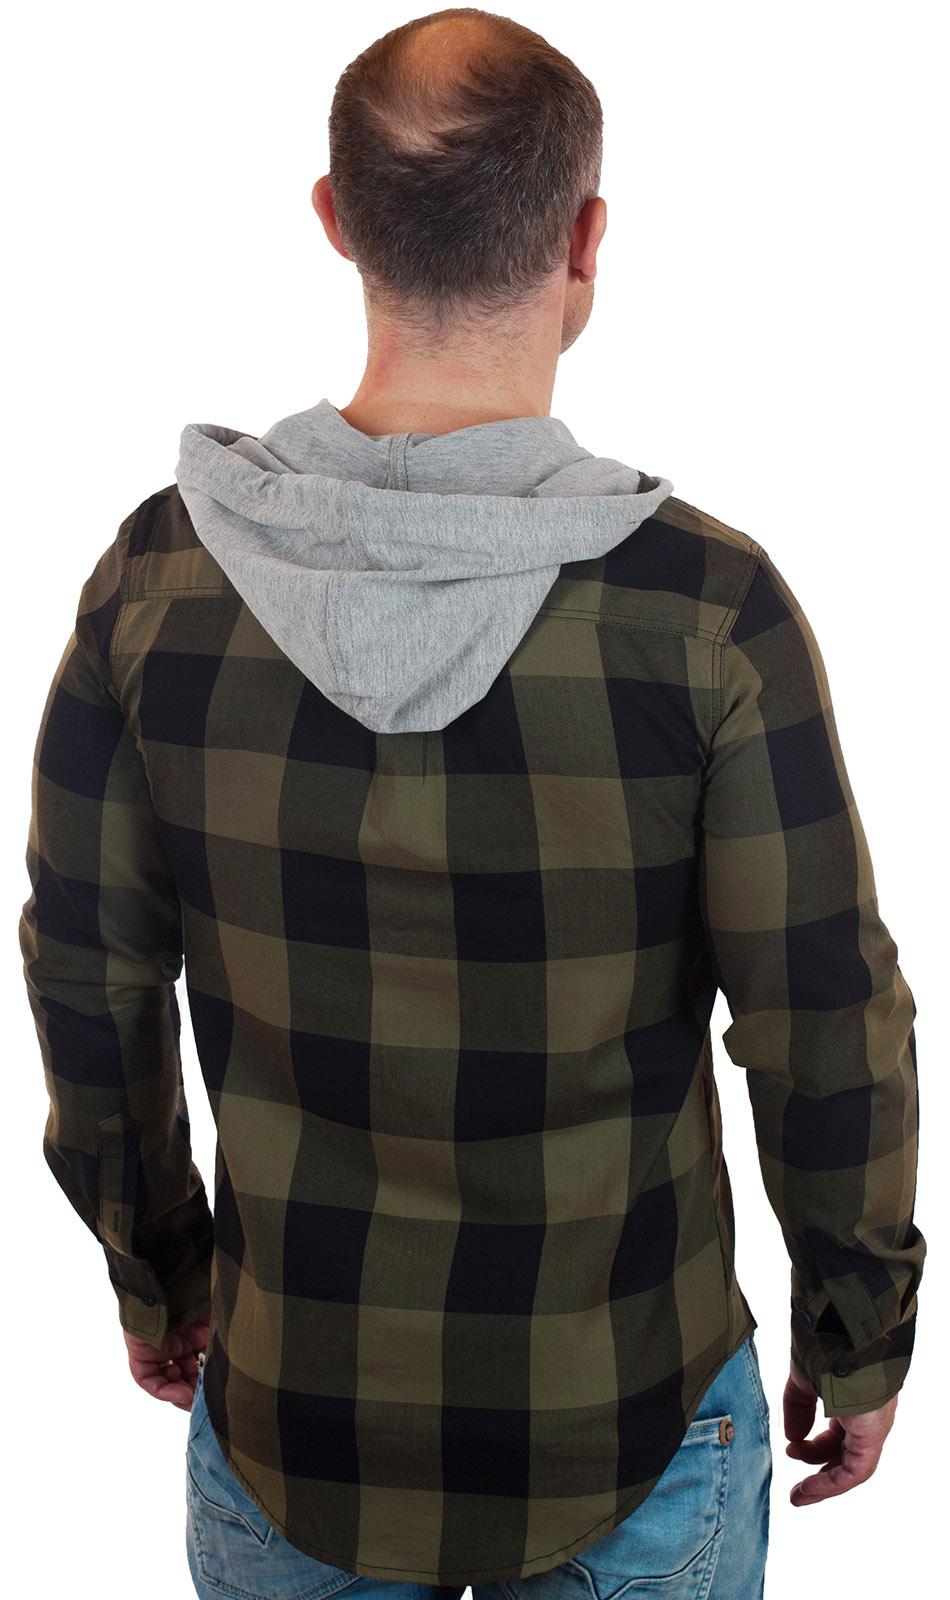 Купить рубашку с капюшоном от Carbon